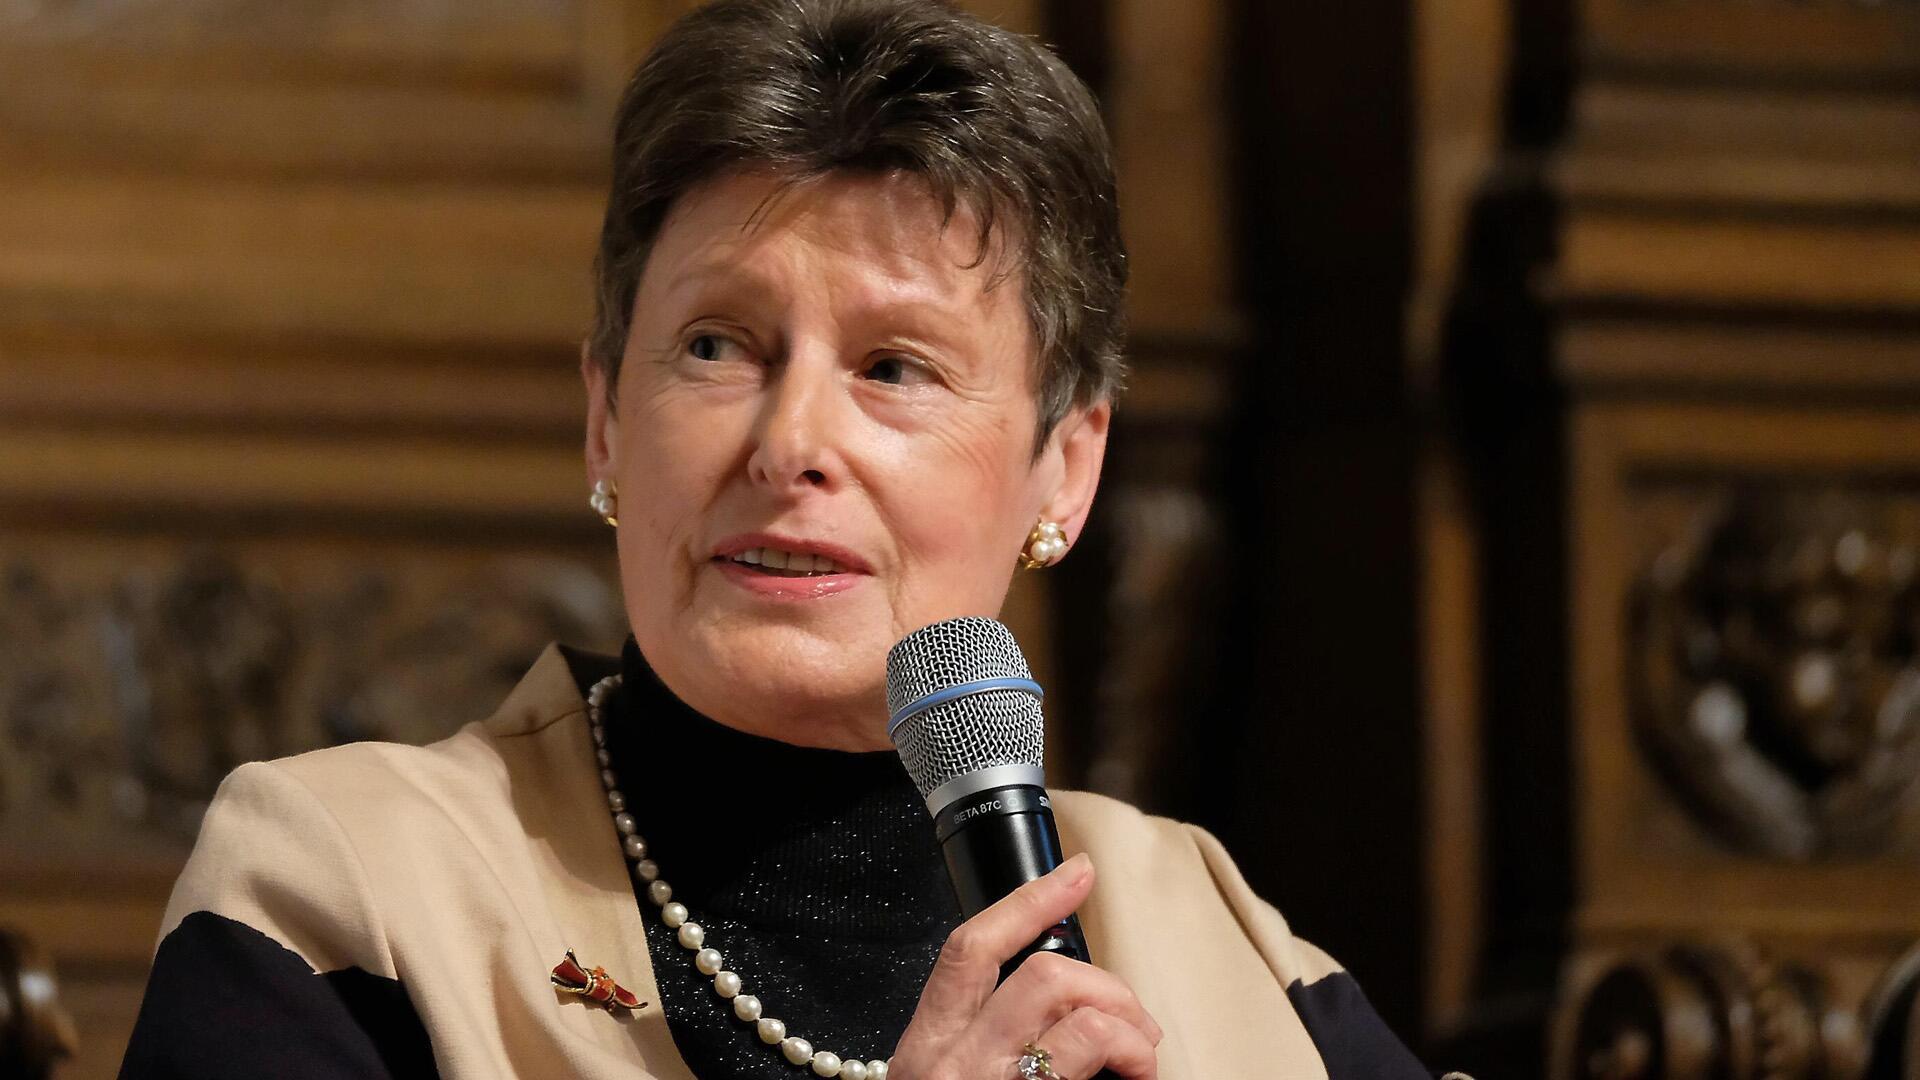 Bild zu Angela Kane in Hamburg während einer Konferenz 2019.